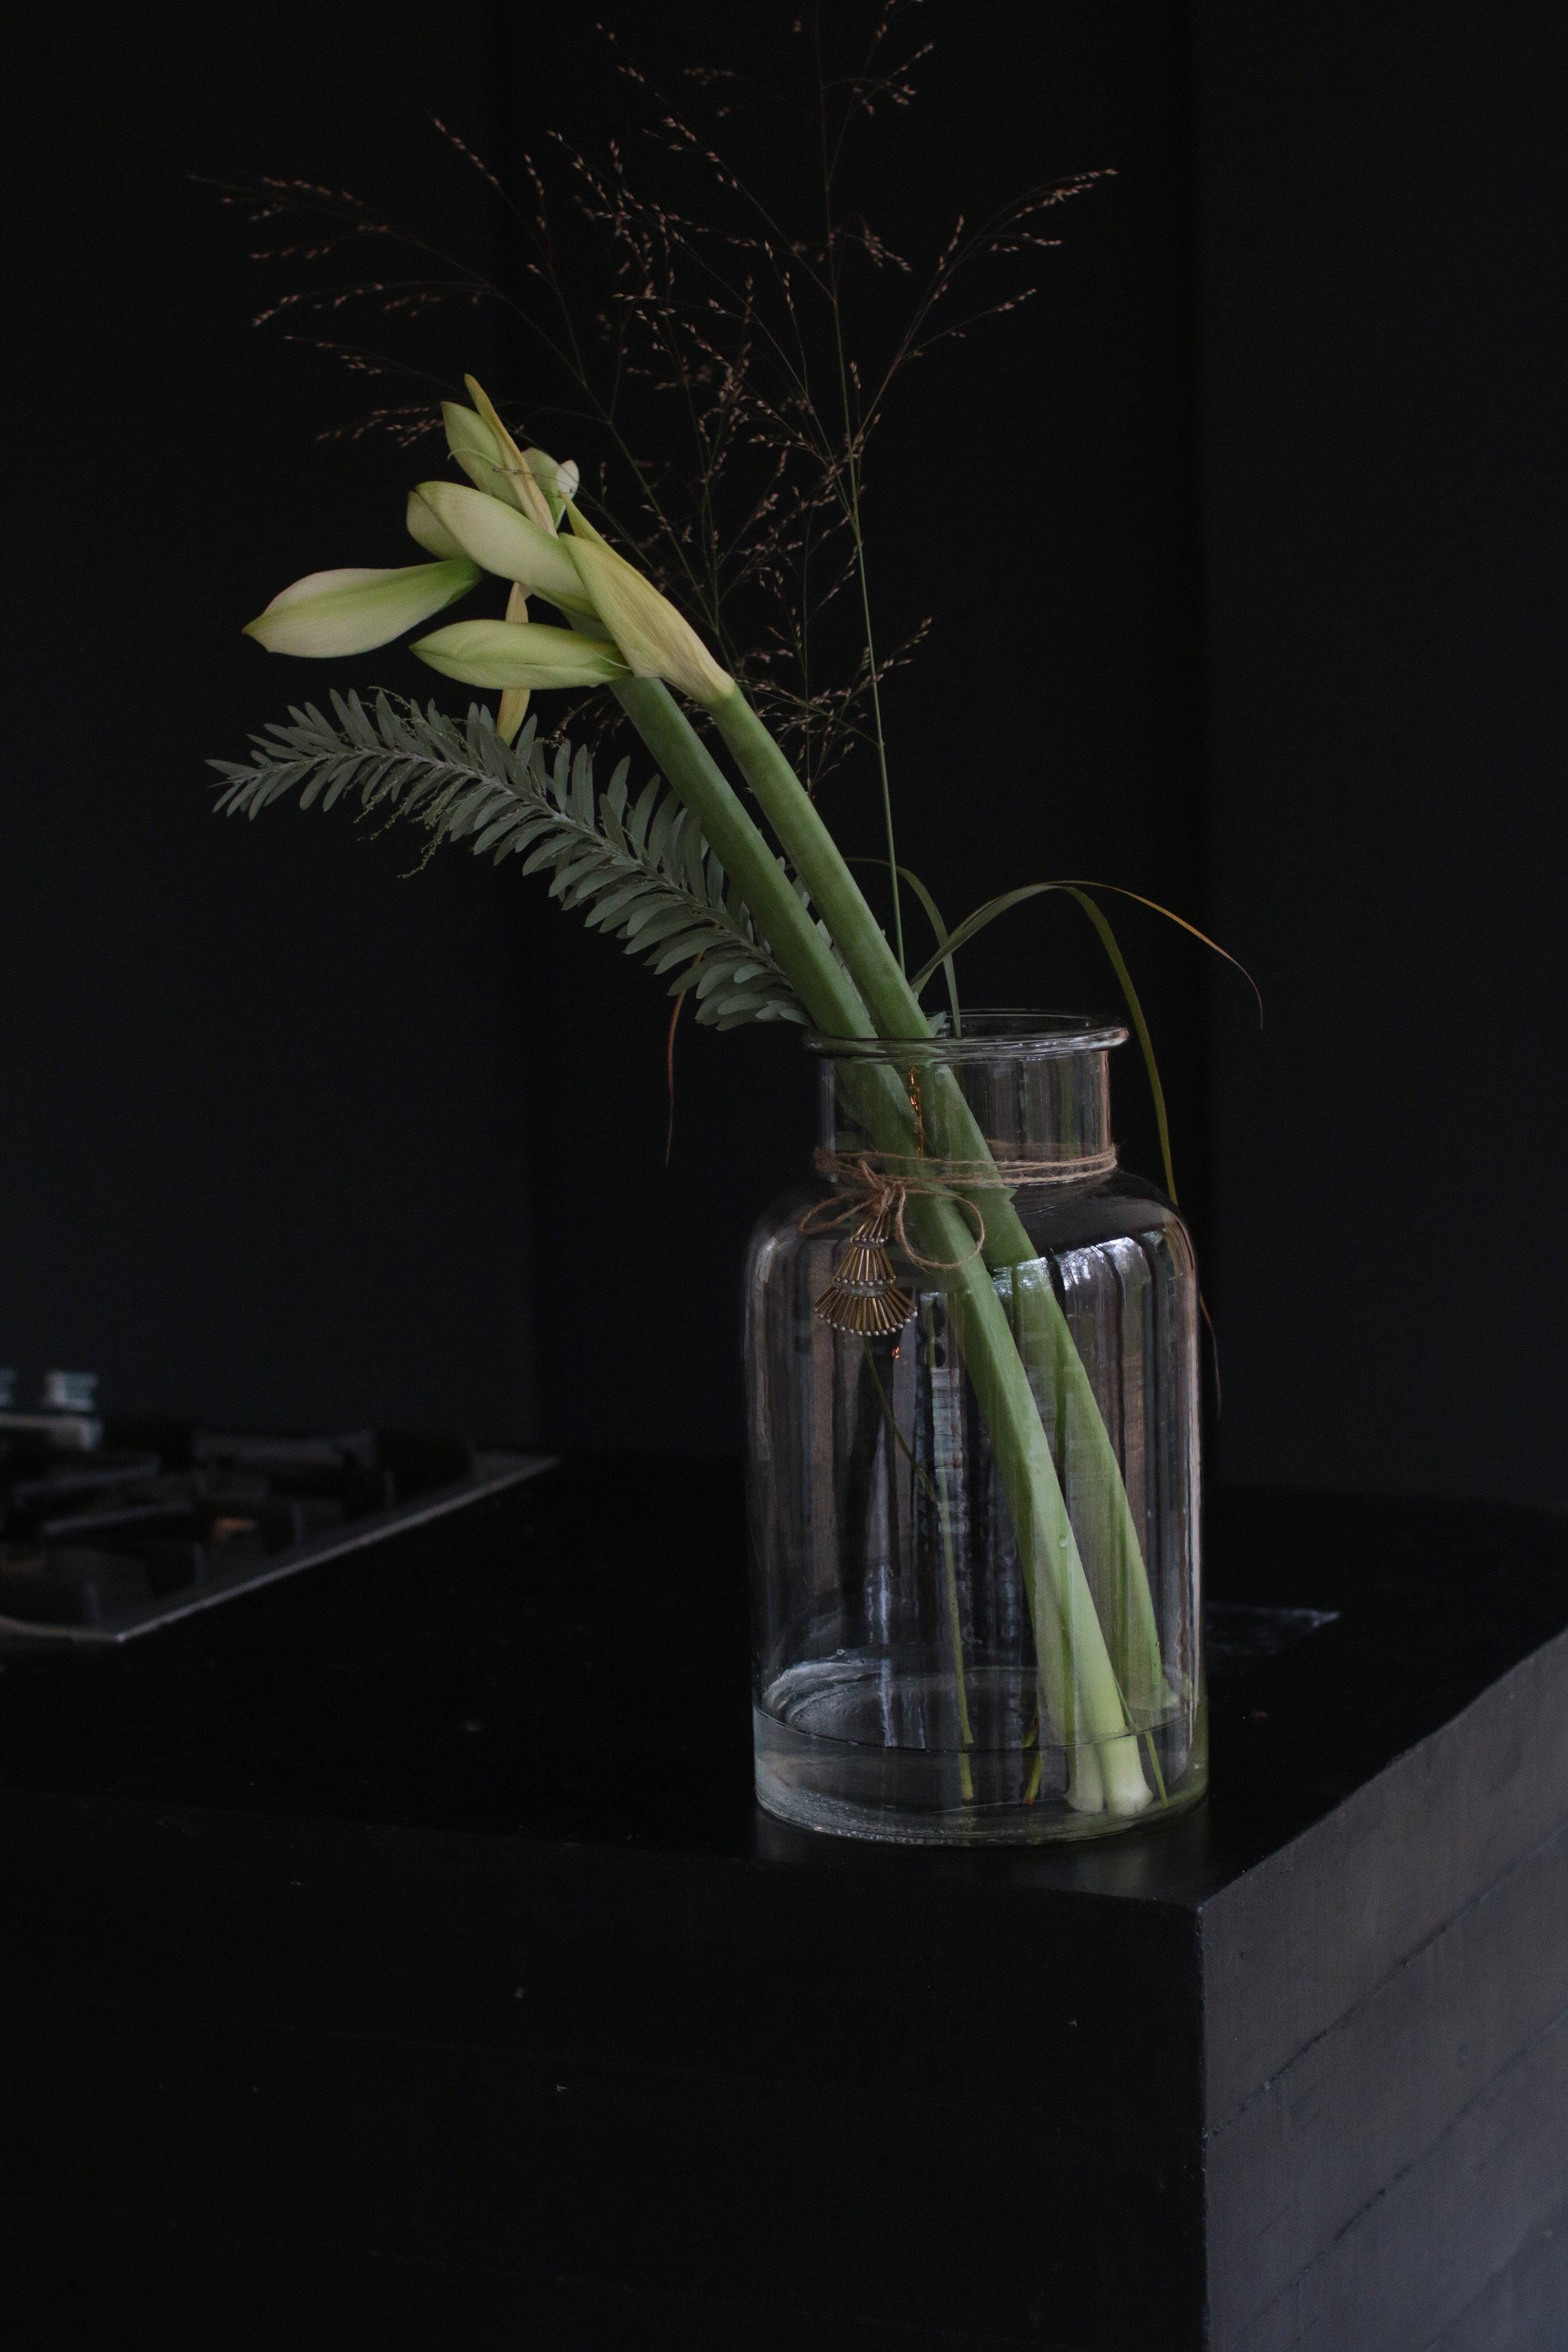 Amaryllis leikkokukkana, selkeä amaryllis kukka-asetelma,